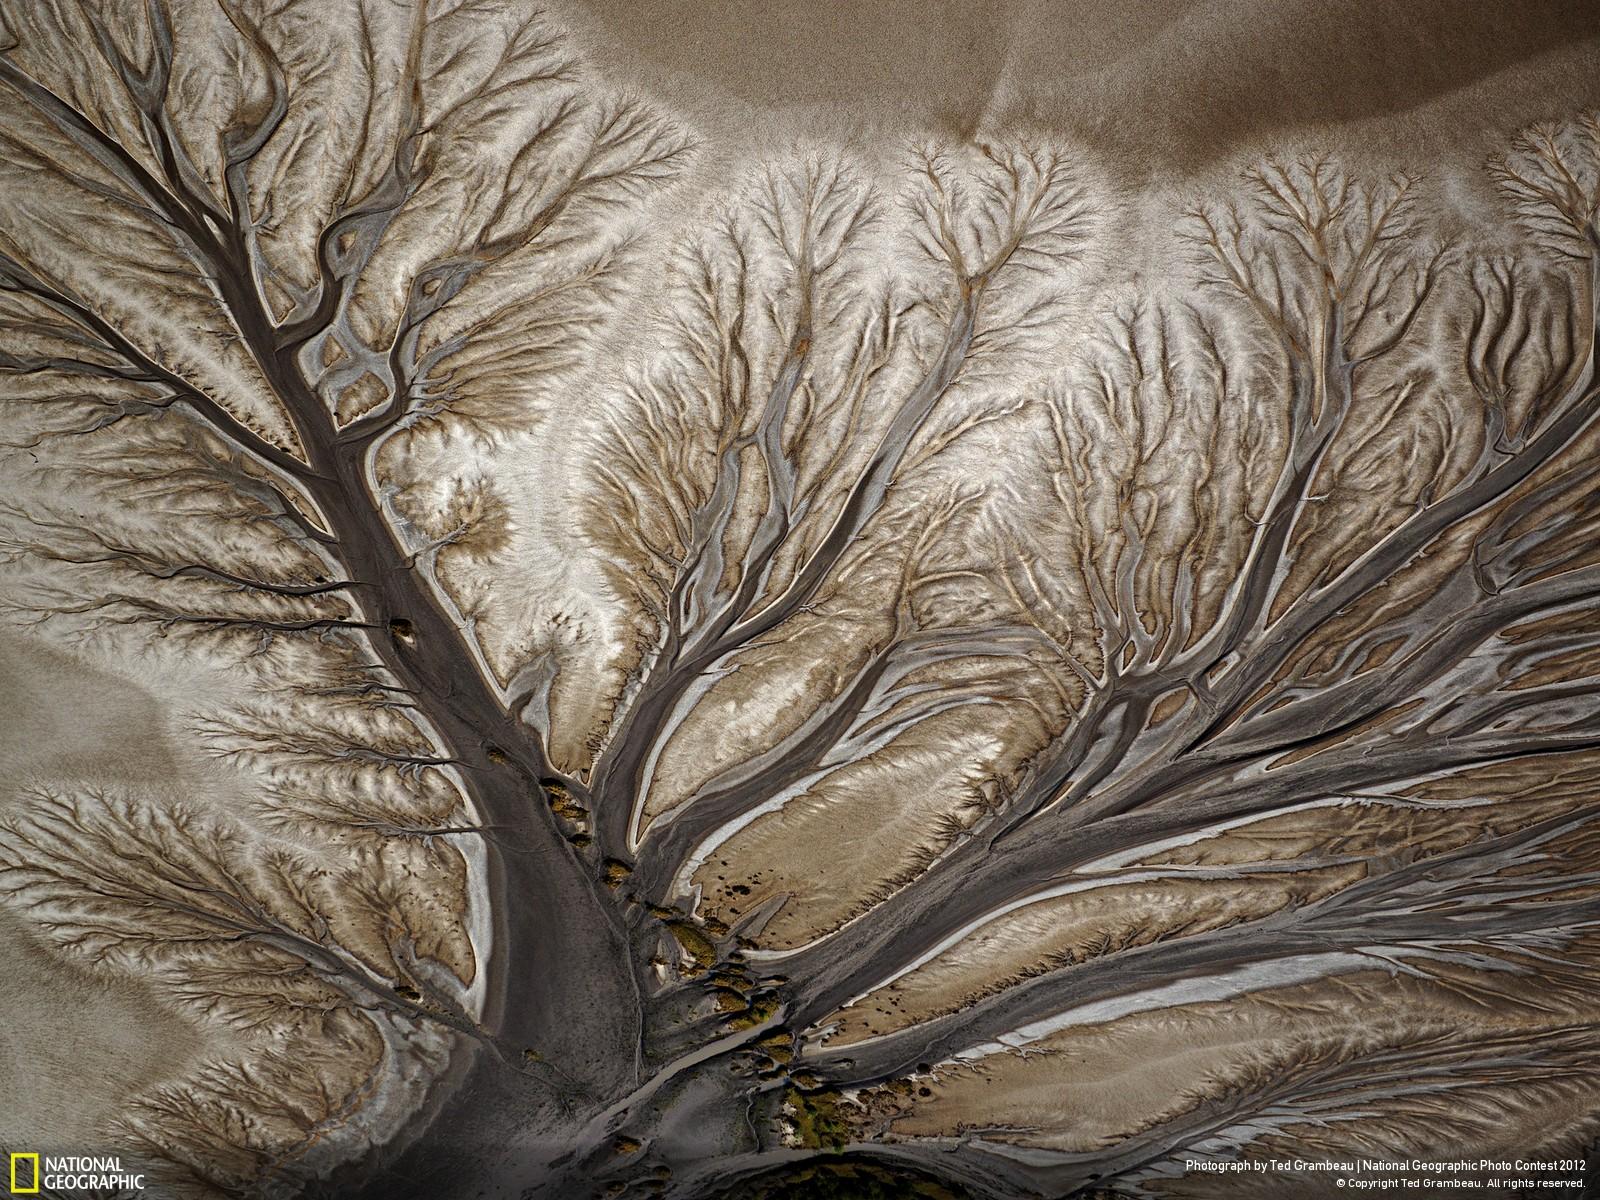 39 Лучшие фотографии за 2012 год по версии National Geographic